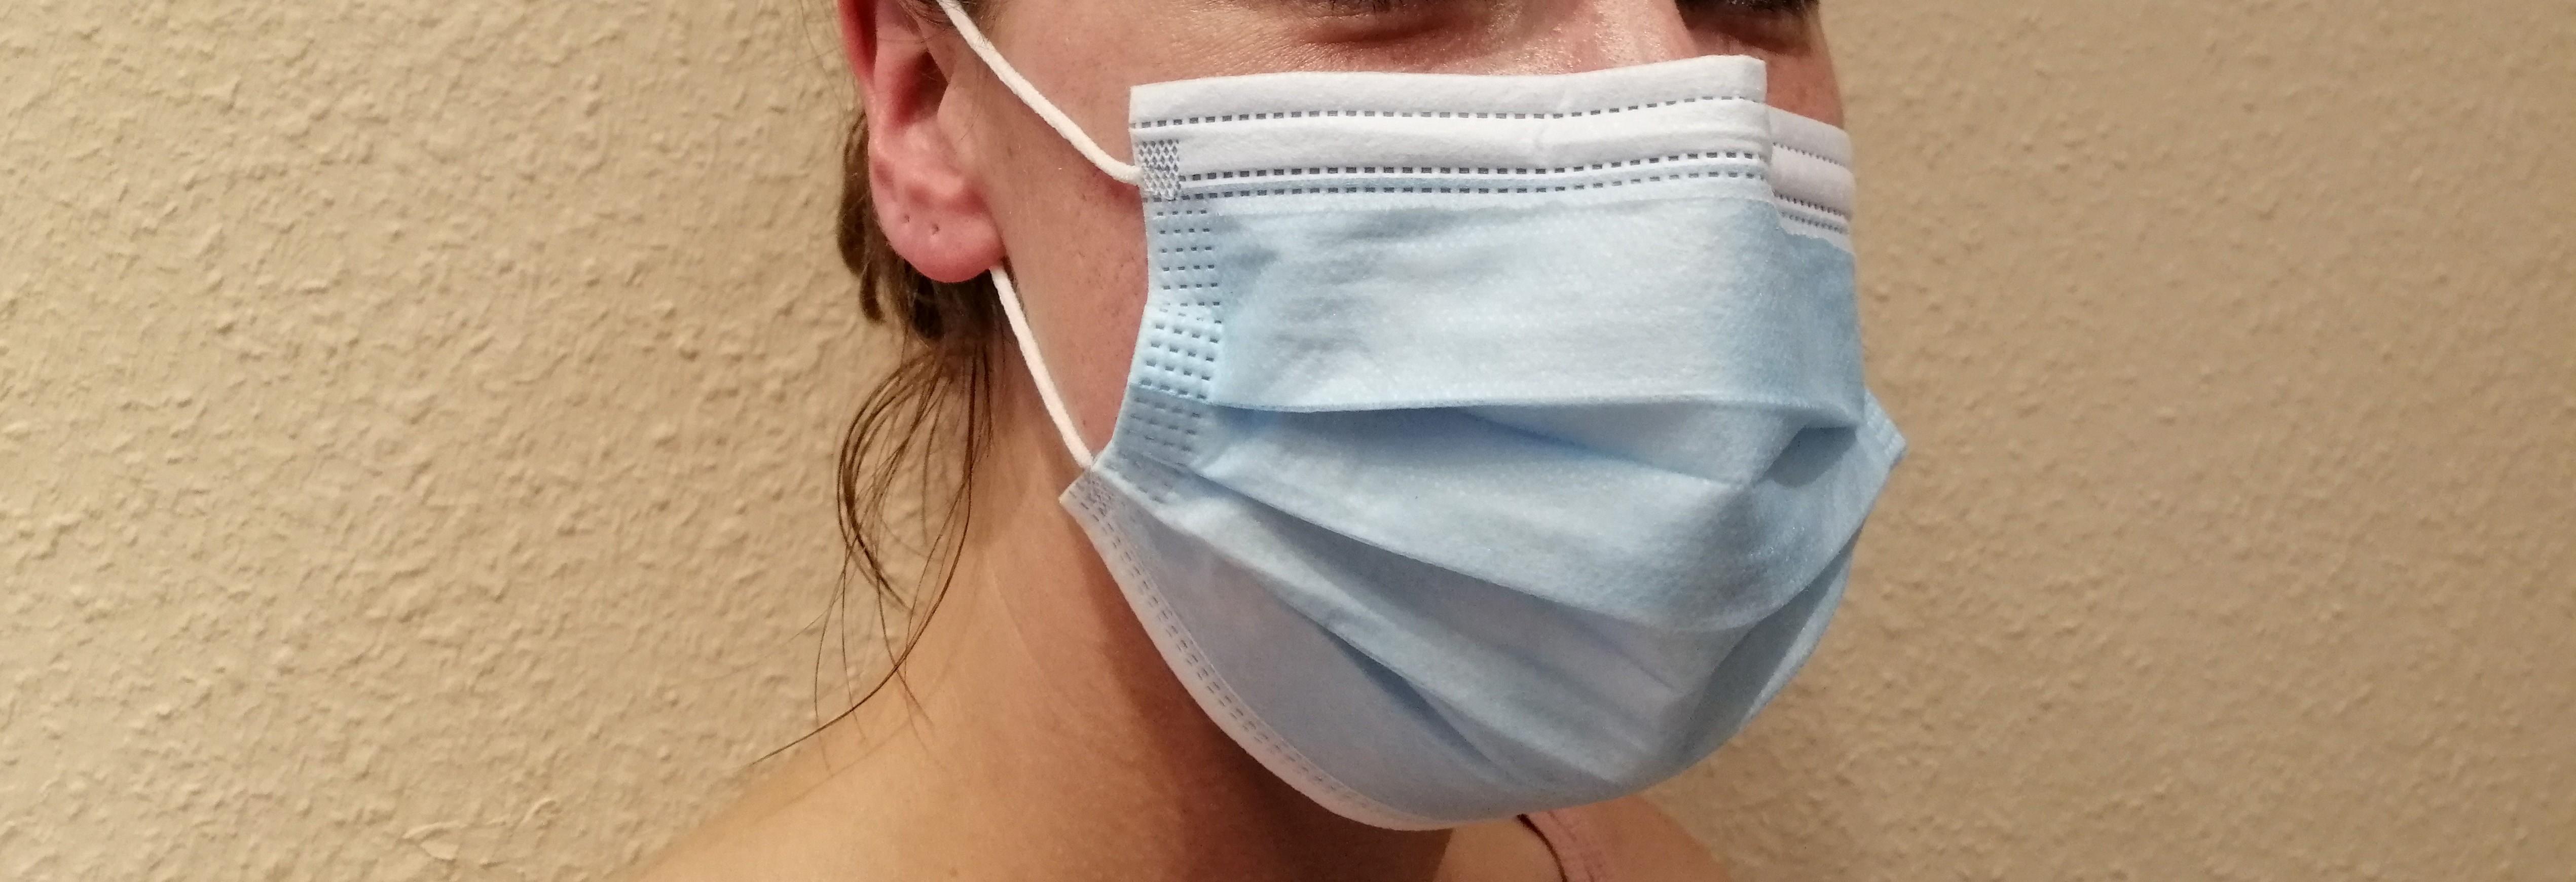 Mund- und Nasenmasken